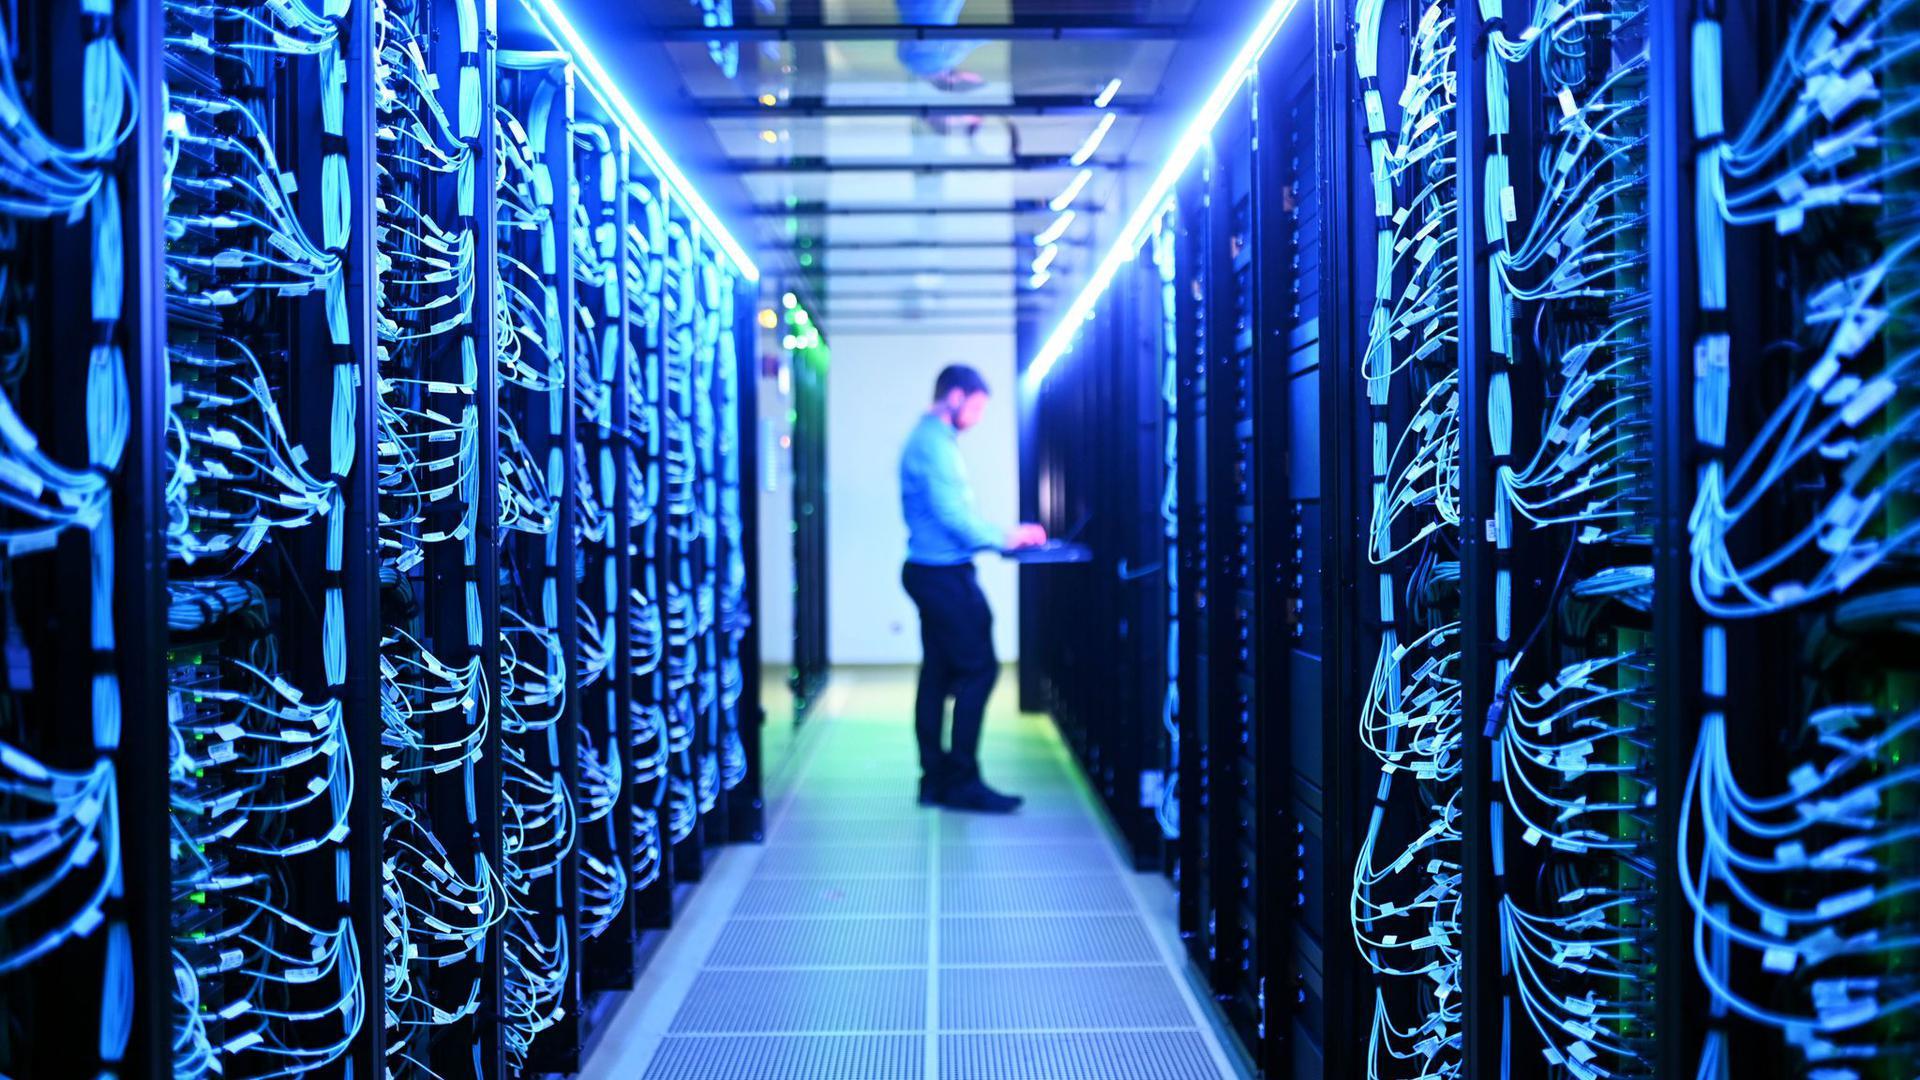 Ein Mann steht zwischen den Servern des neuen Hochleistungsrechner Horeka der Karlsruher Forschungsuni KIT.